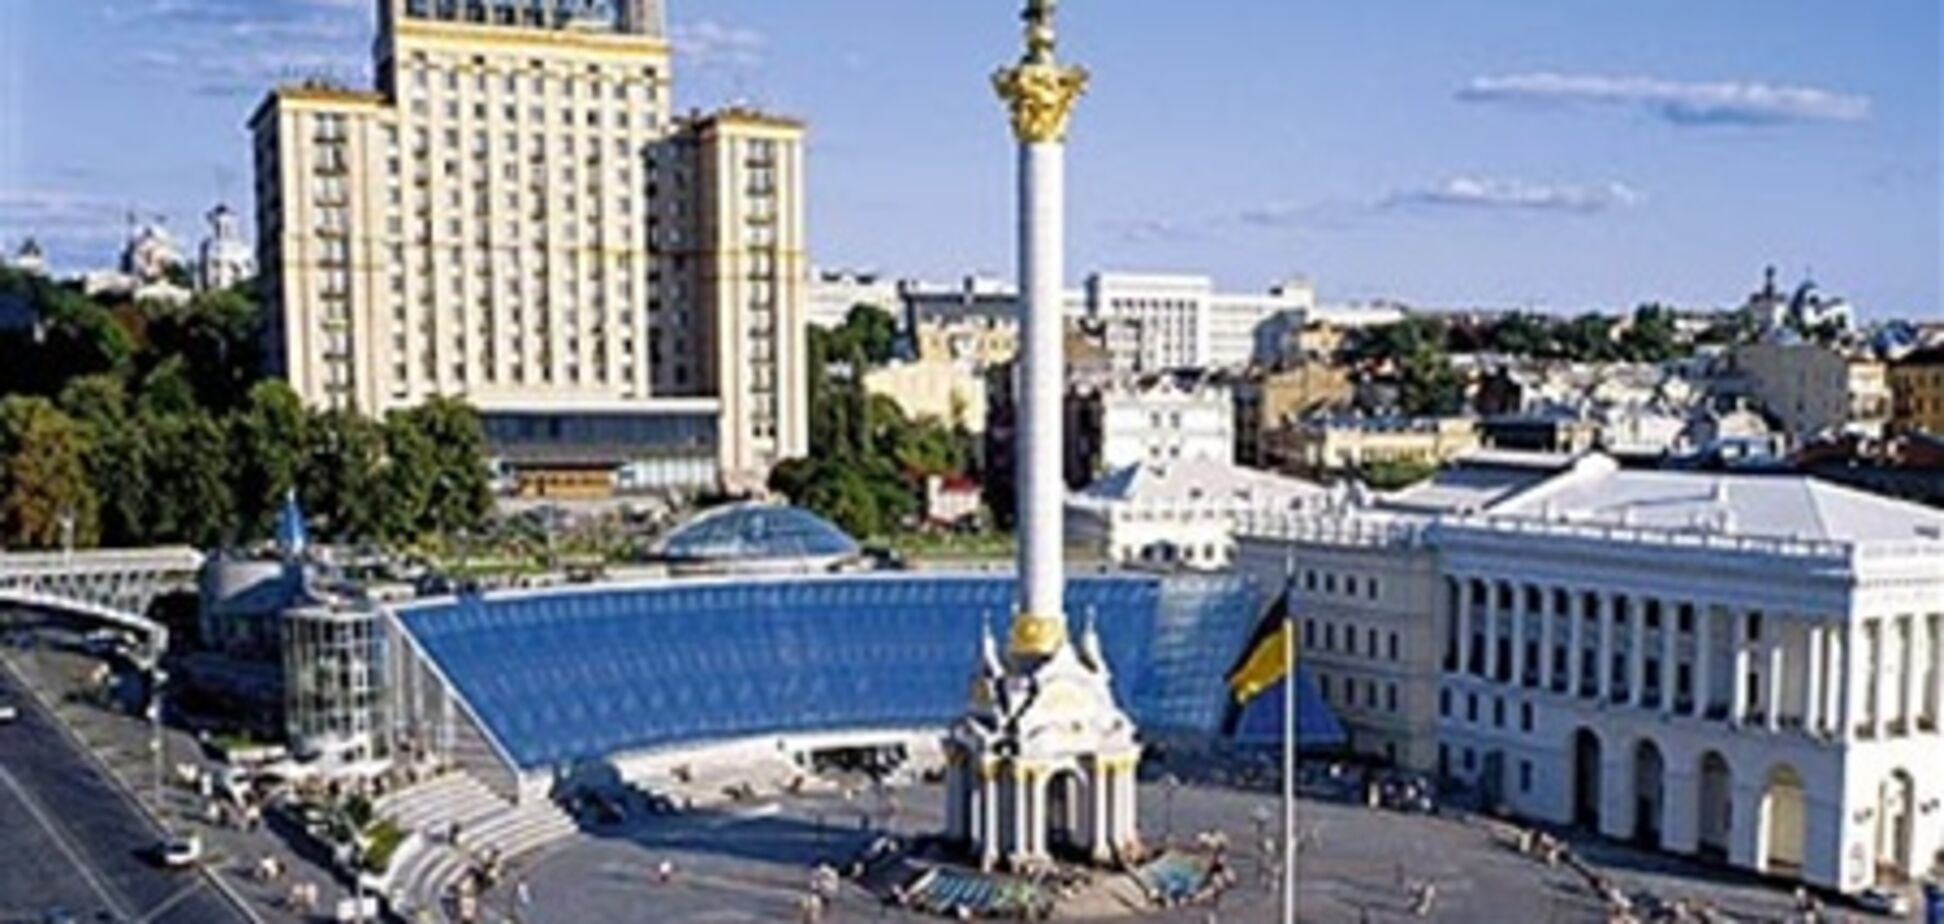 Каждый шестой житель Киева не имеет своего жилья